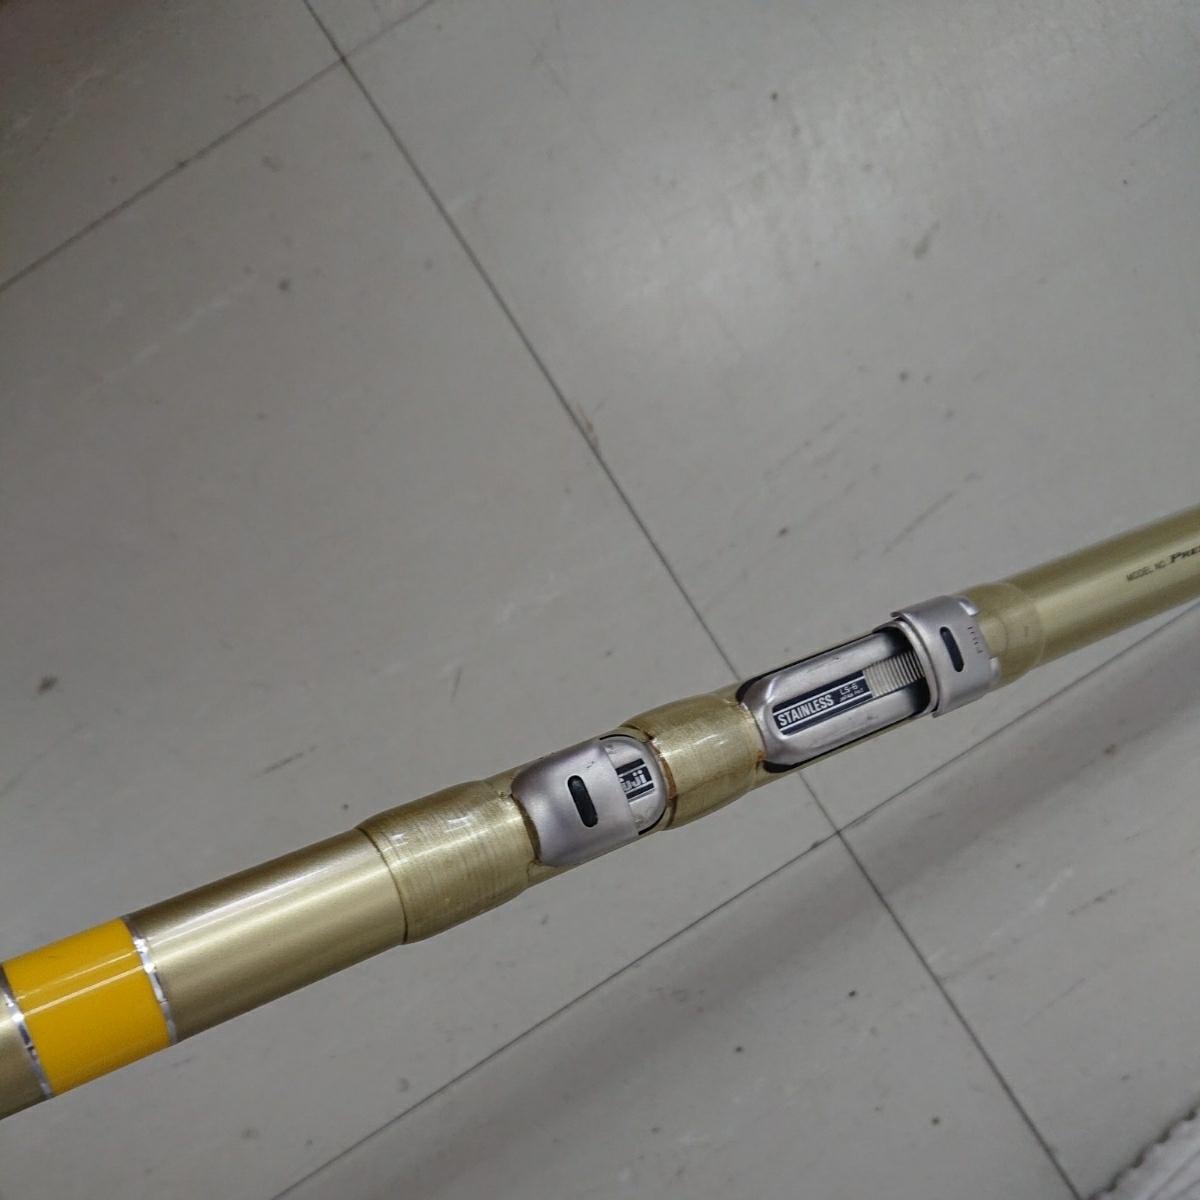 DAIWA PRESSA DRY 2-53 釣具 釣り 竿 ロッド プレッサドライ ダイワ 中古 加_画像8